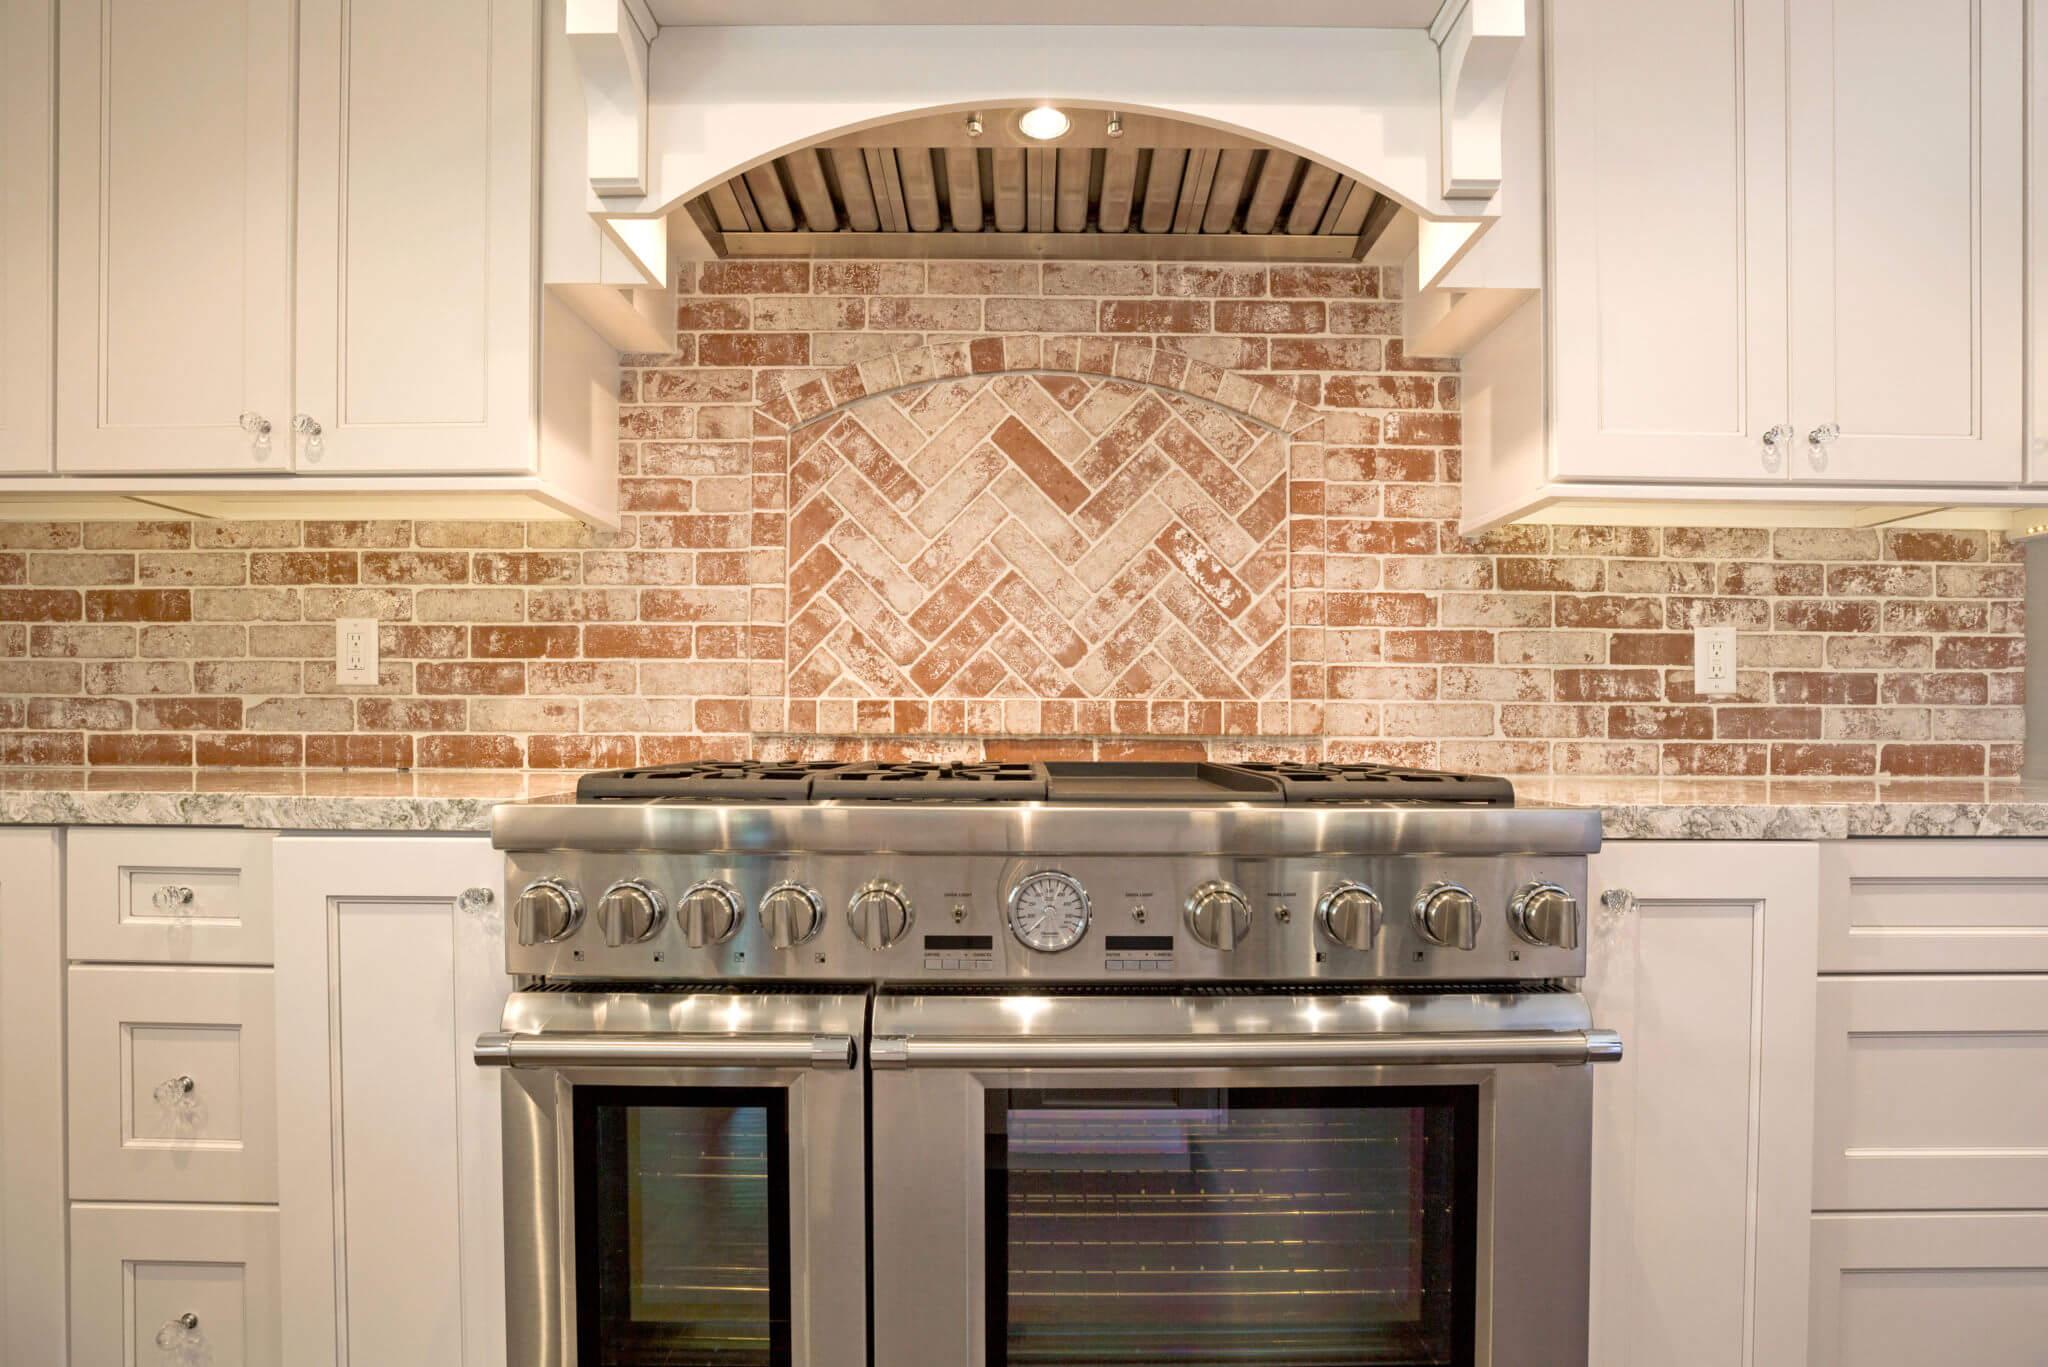 Brick backsplash detail, Remodeled Kitchen Details